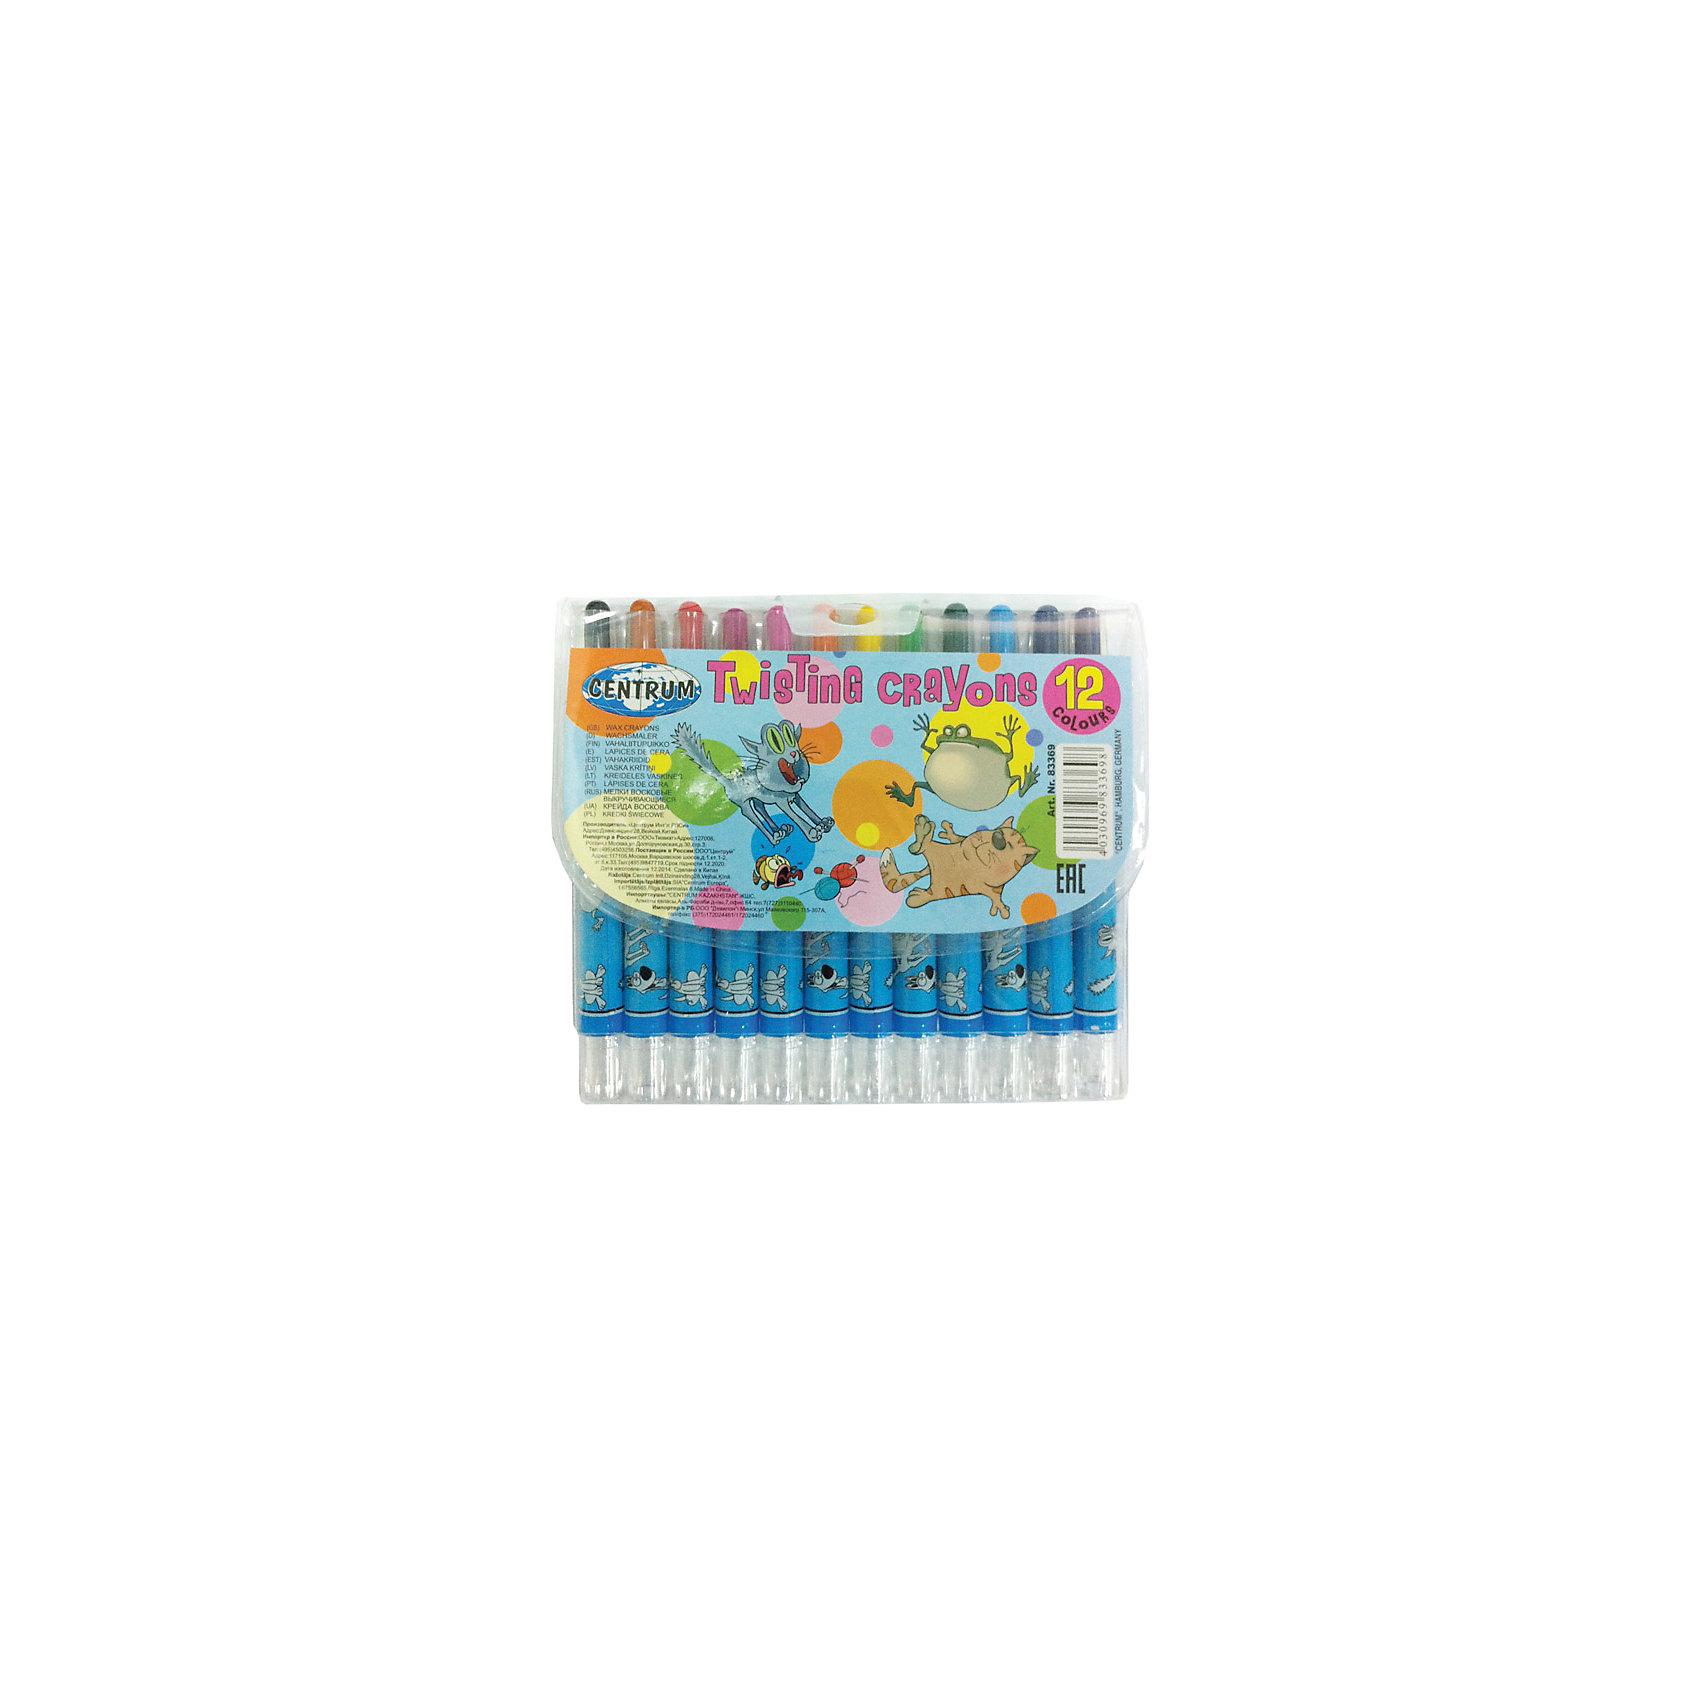 CENTRUM Мелки восковые выдвижные Twist, 12 цветов выдвижные кровати для двоих детей